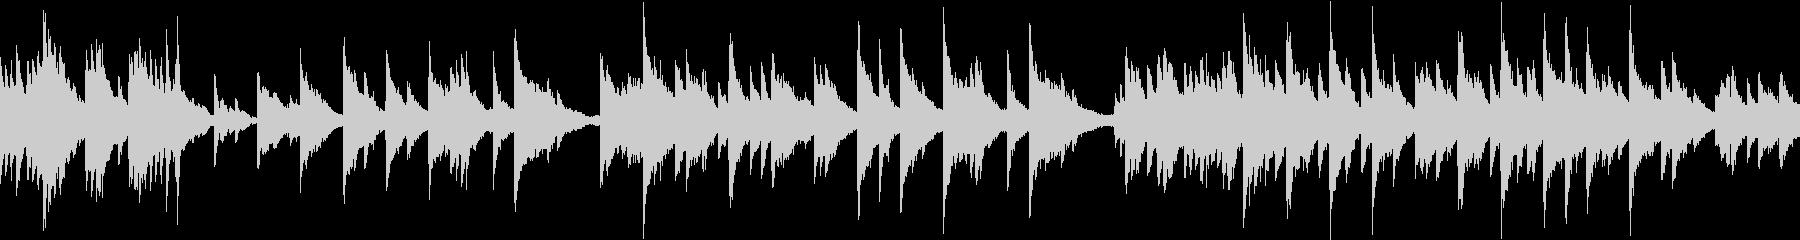 ヒーリング/ピアノ/ループの未再生の波形